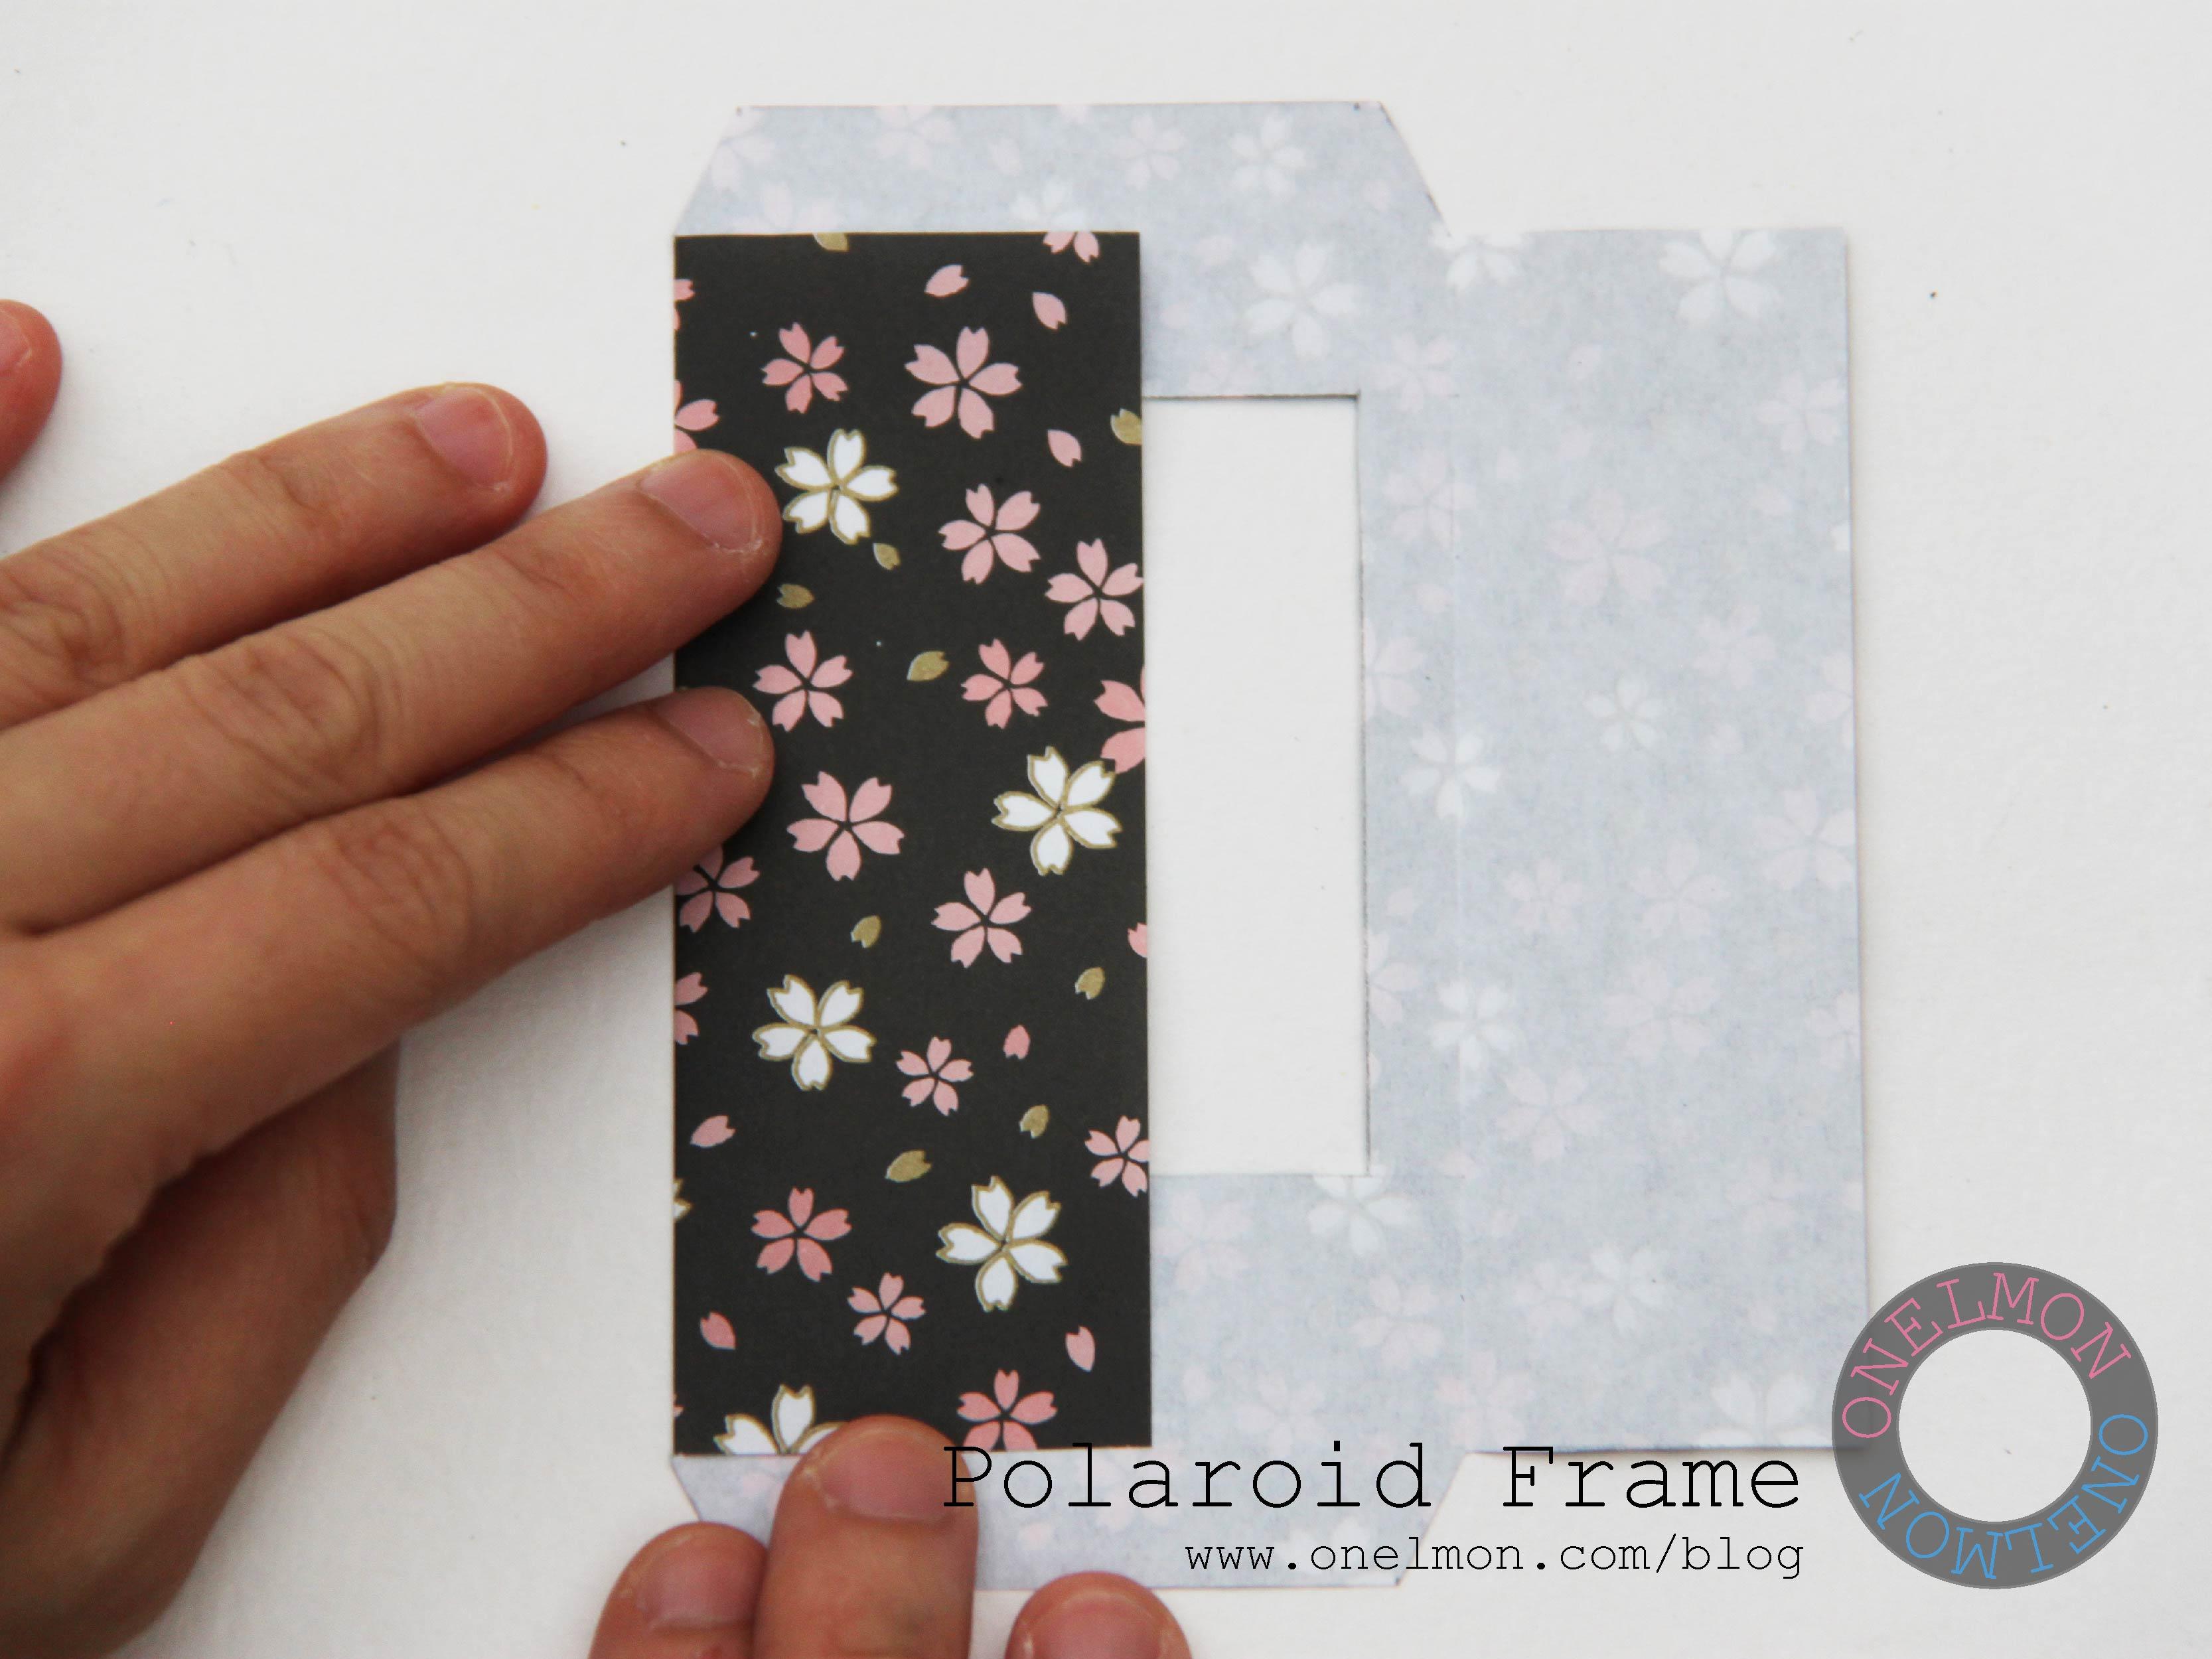 Diy Polaroid Frame Onelmon